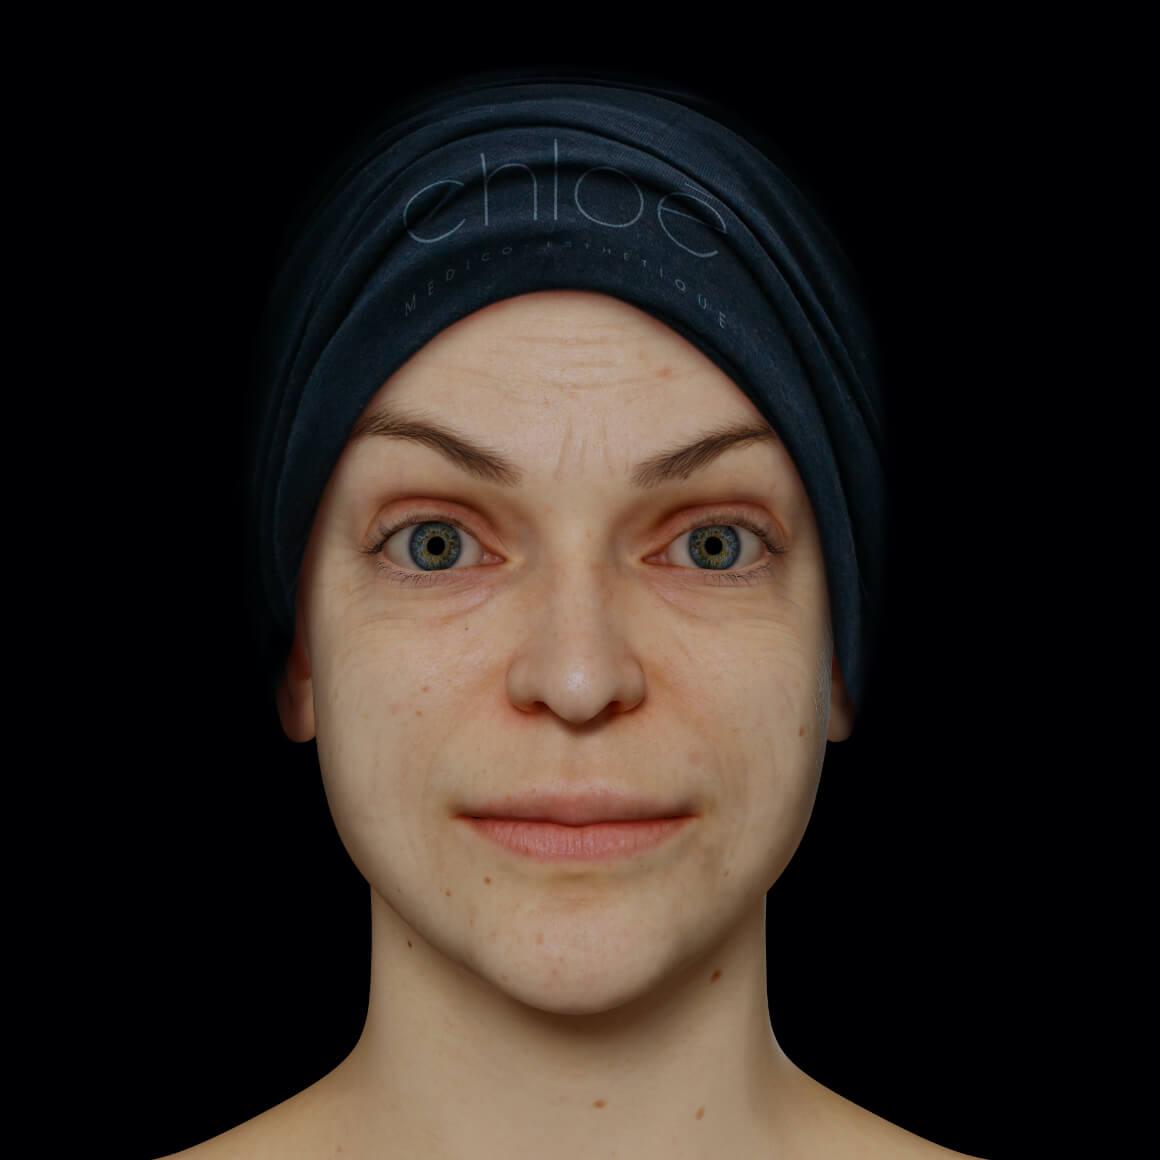 Une patiente de la Clinique Chloé positionnée de face ayant quelques rides et ridules au niveau du visage